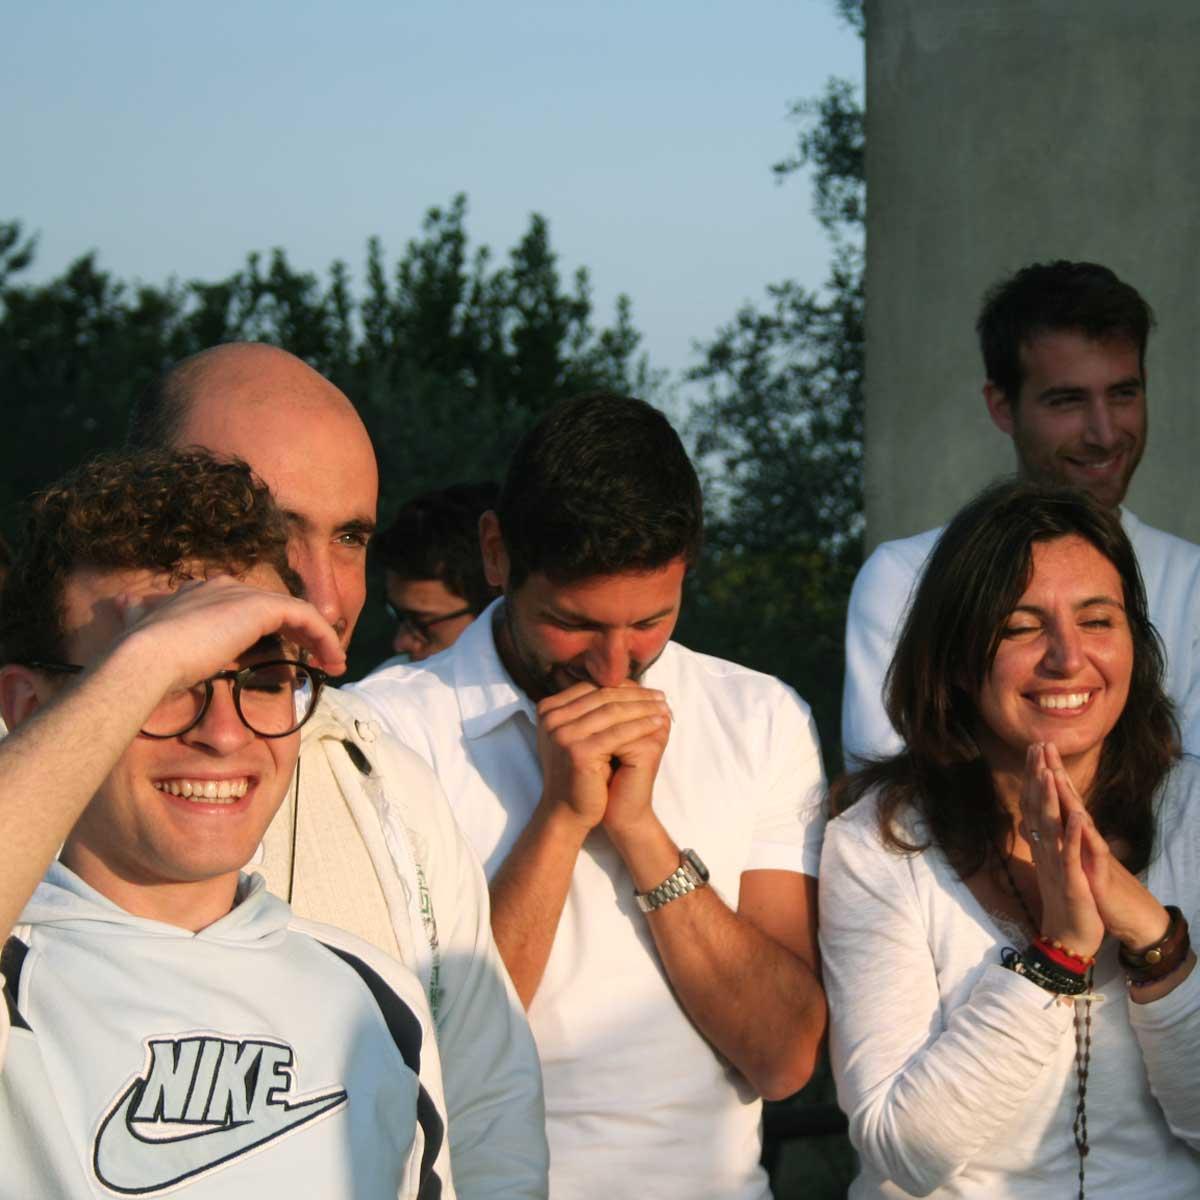 ragazzi che pregano con gioia